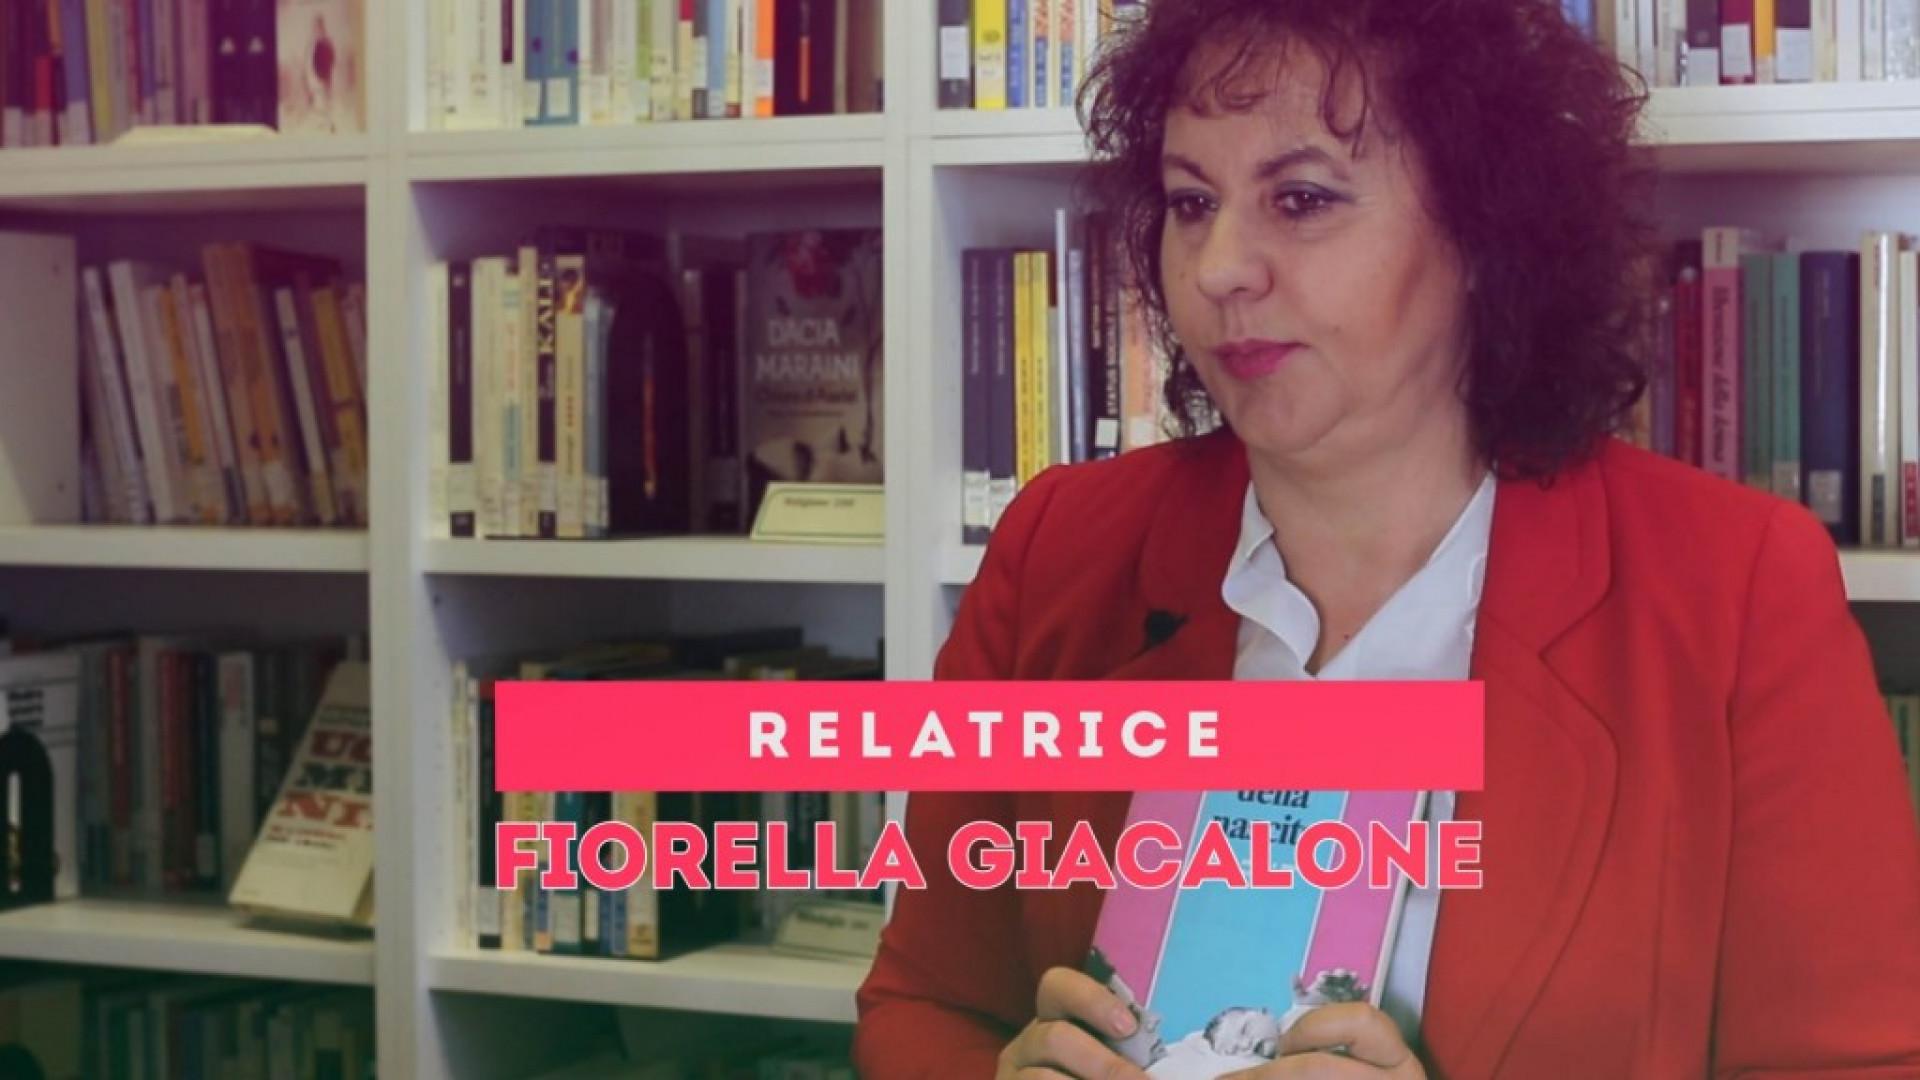 Fiorella Giacalone